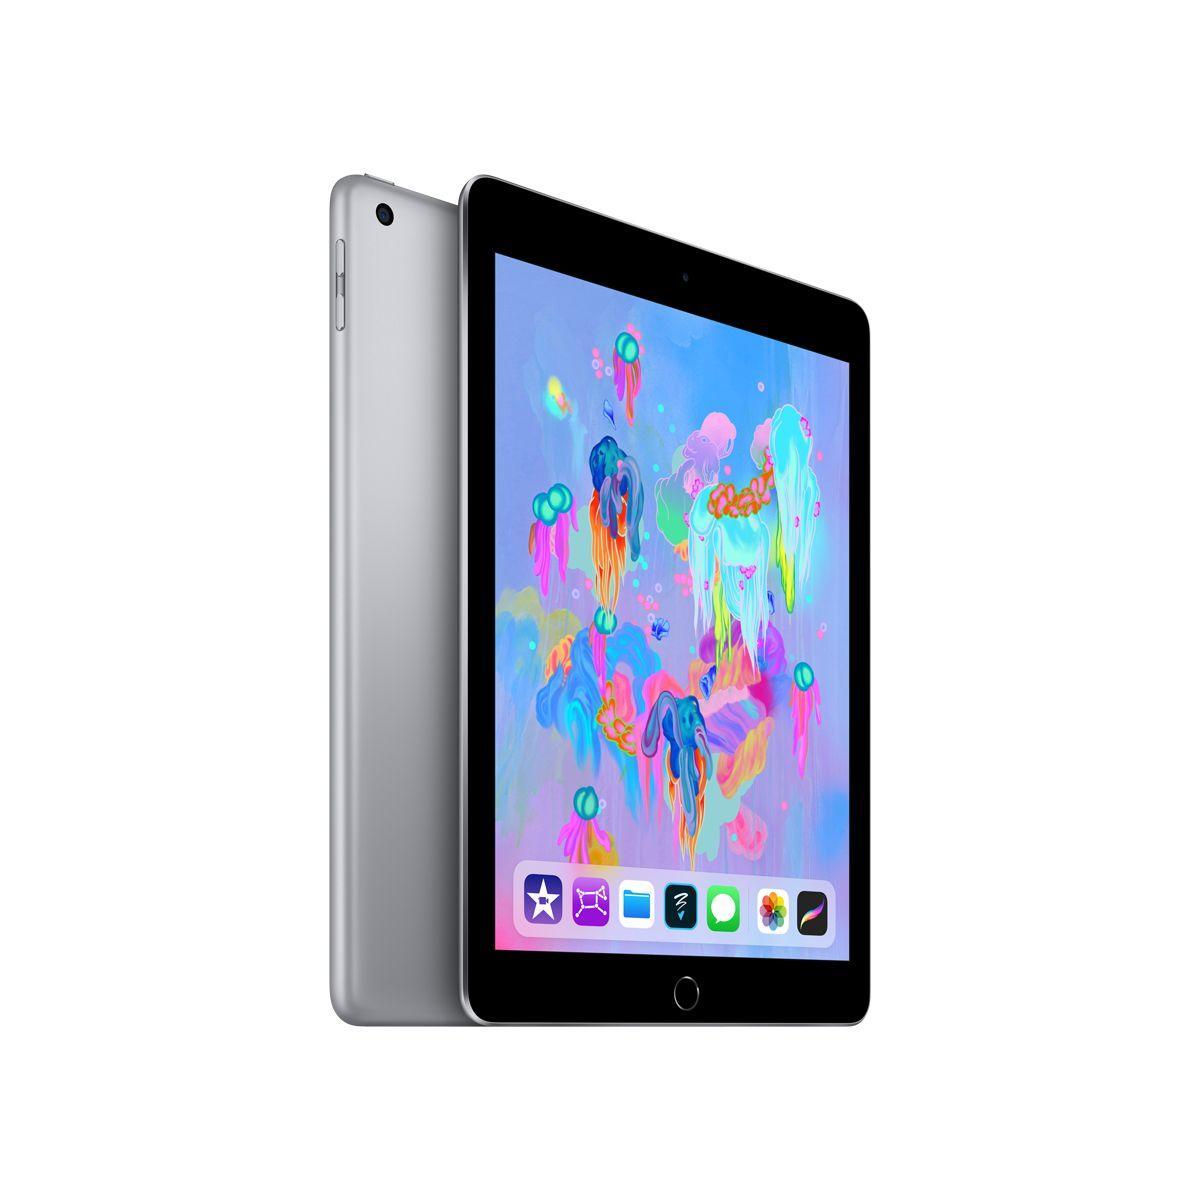 Tablette apple ipad new 128go gris sid (photo)